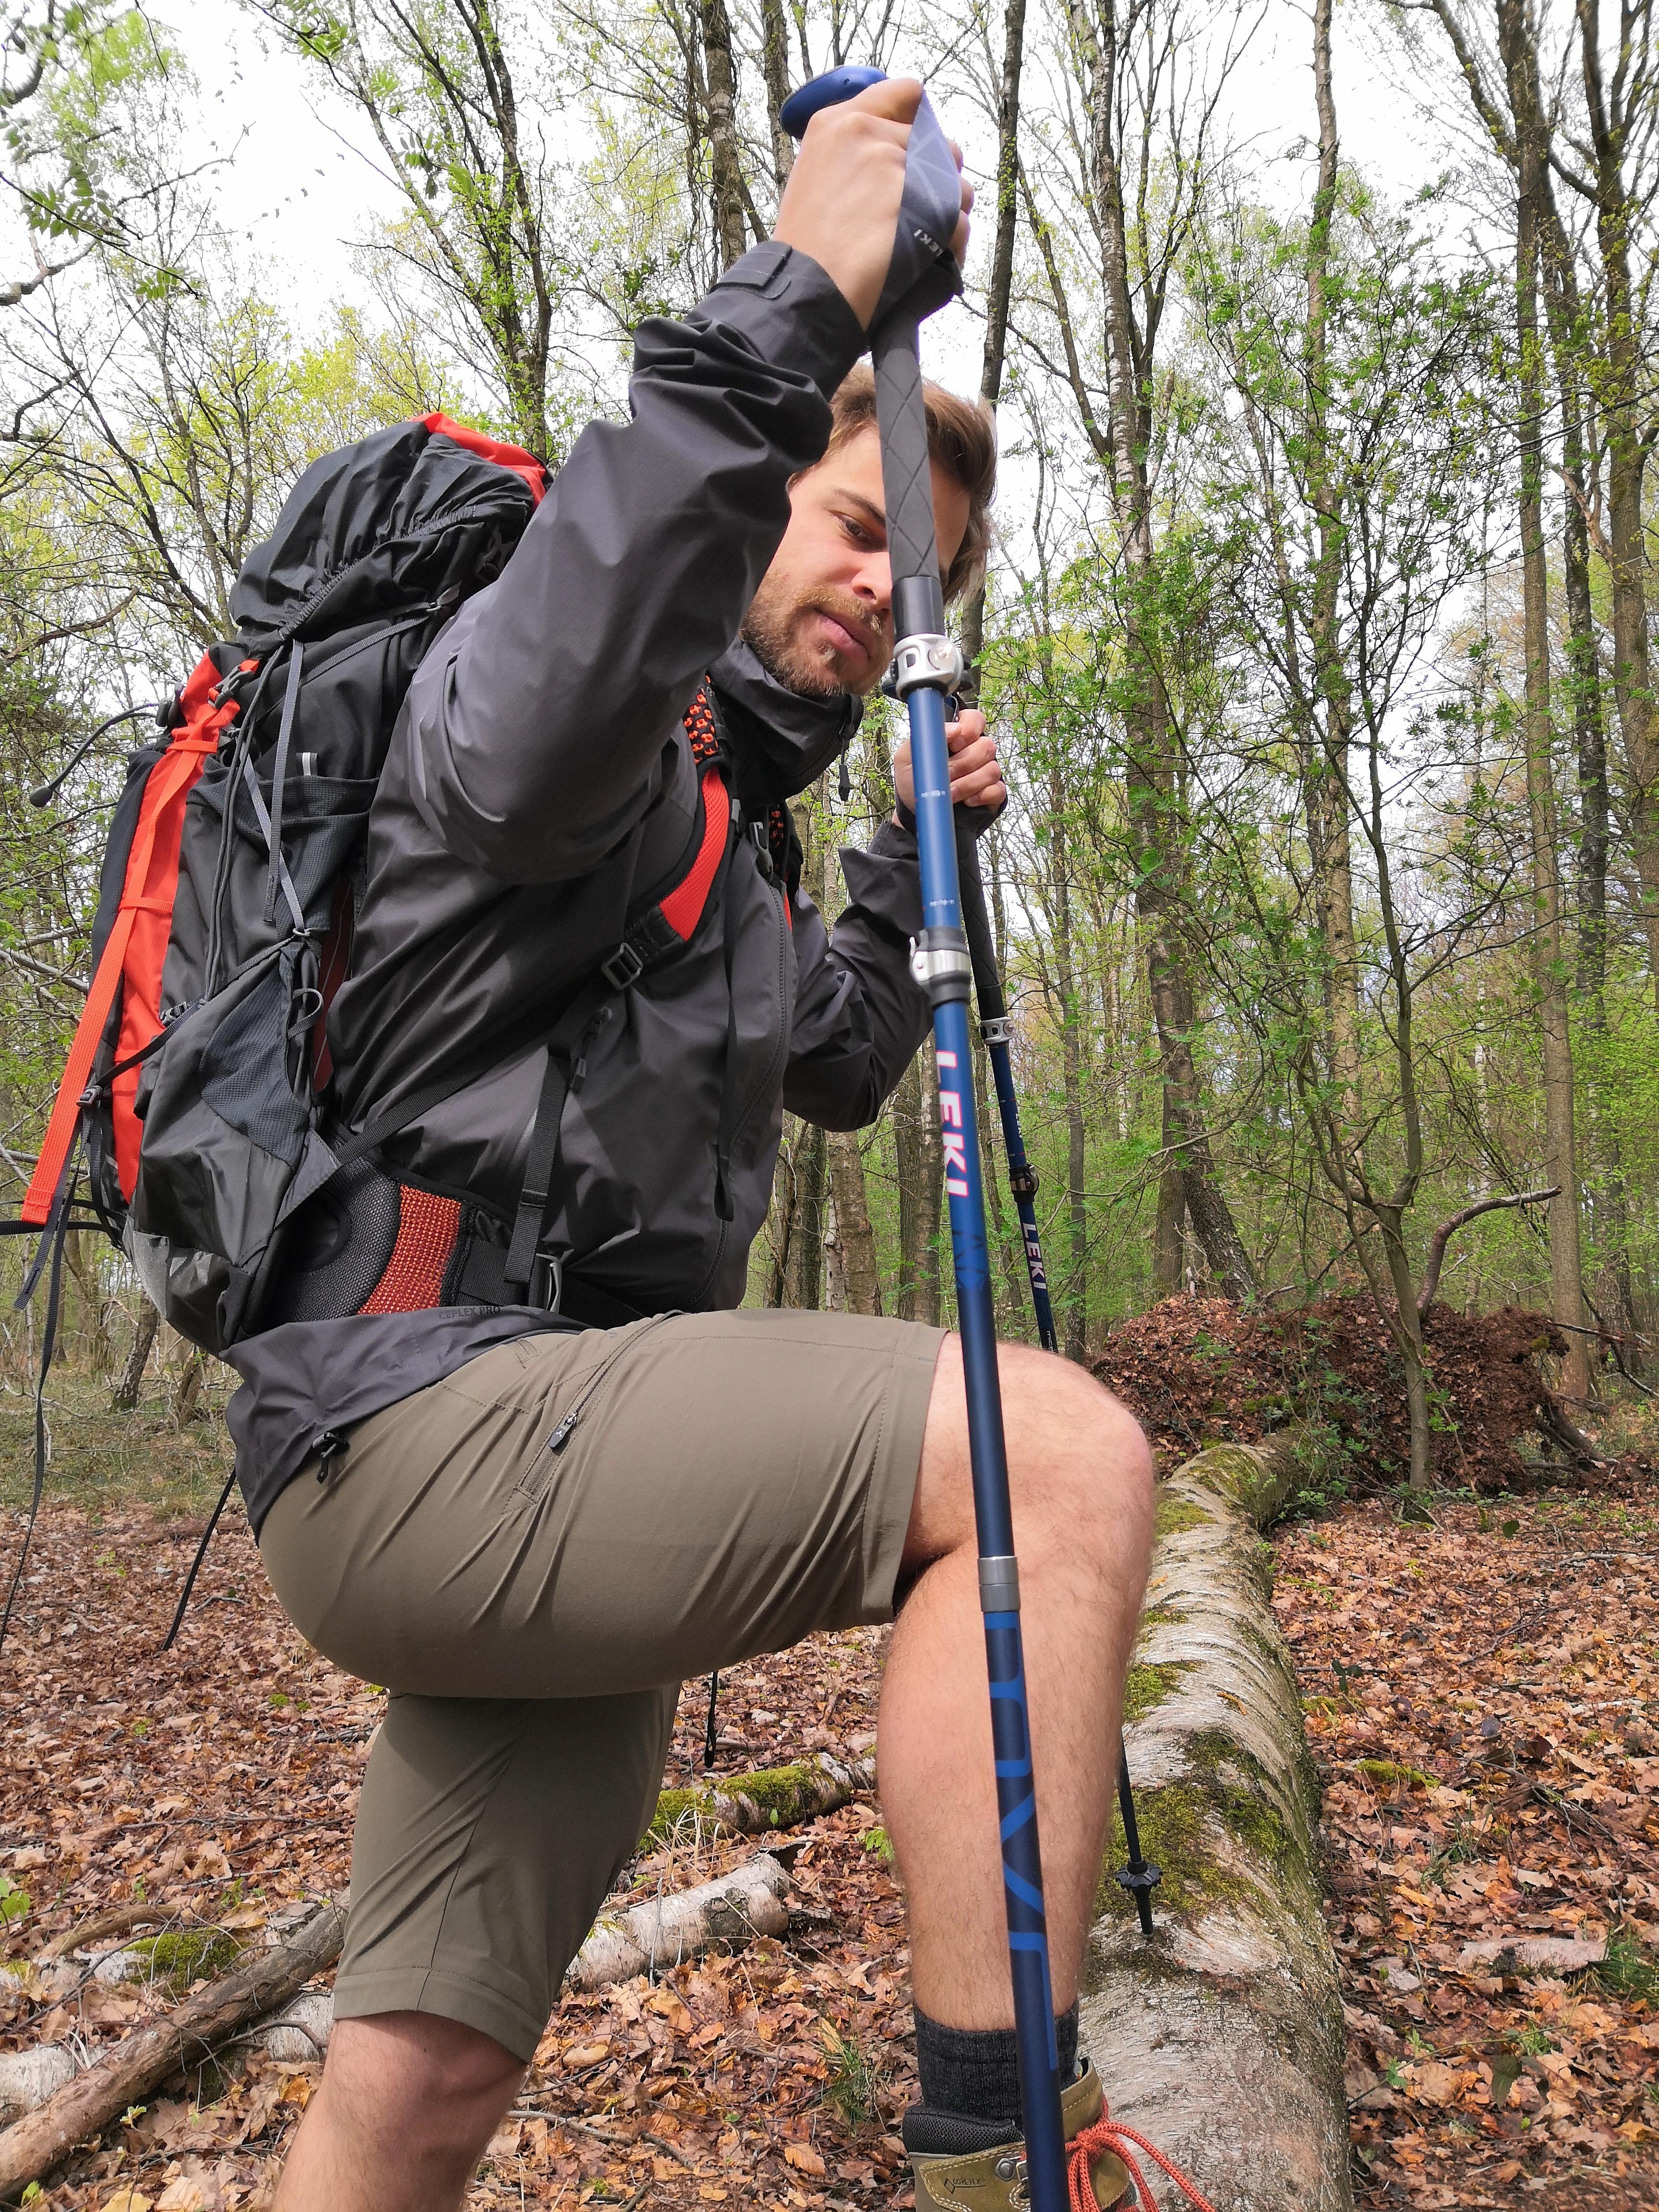 Probewandern im Naturpark Schwalm-Nette